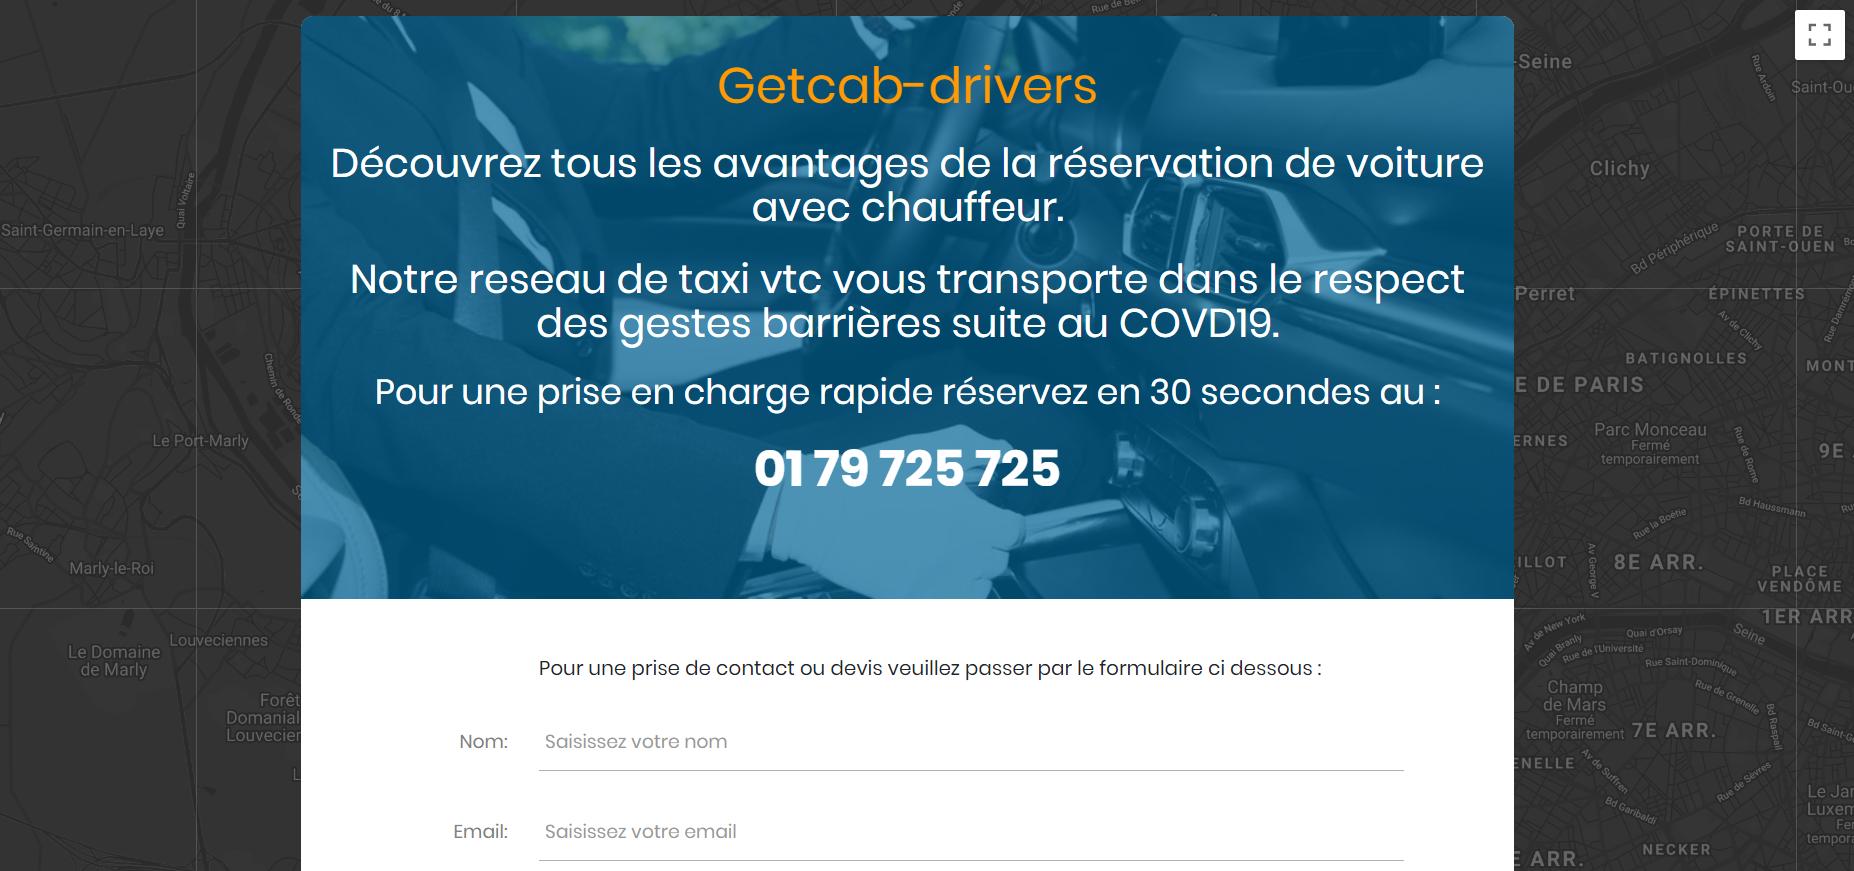 getcab-drivers.fr